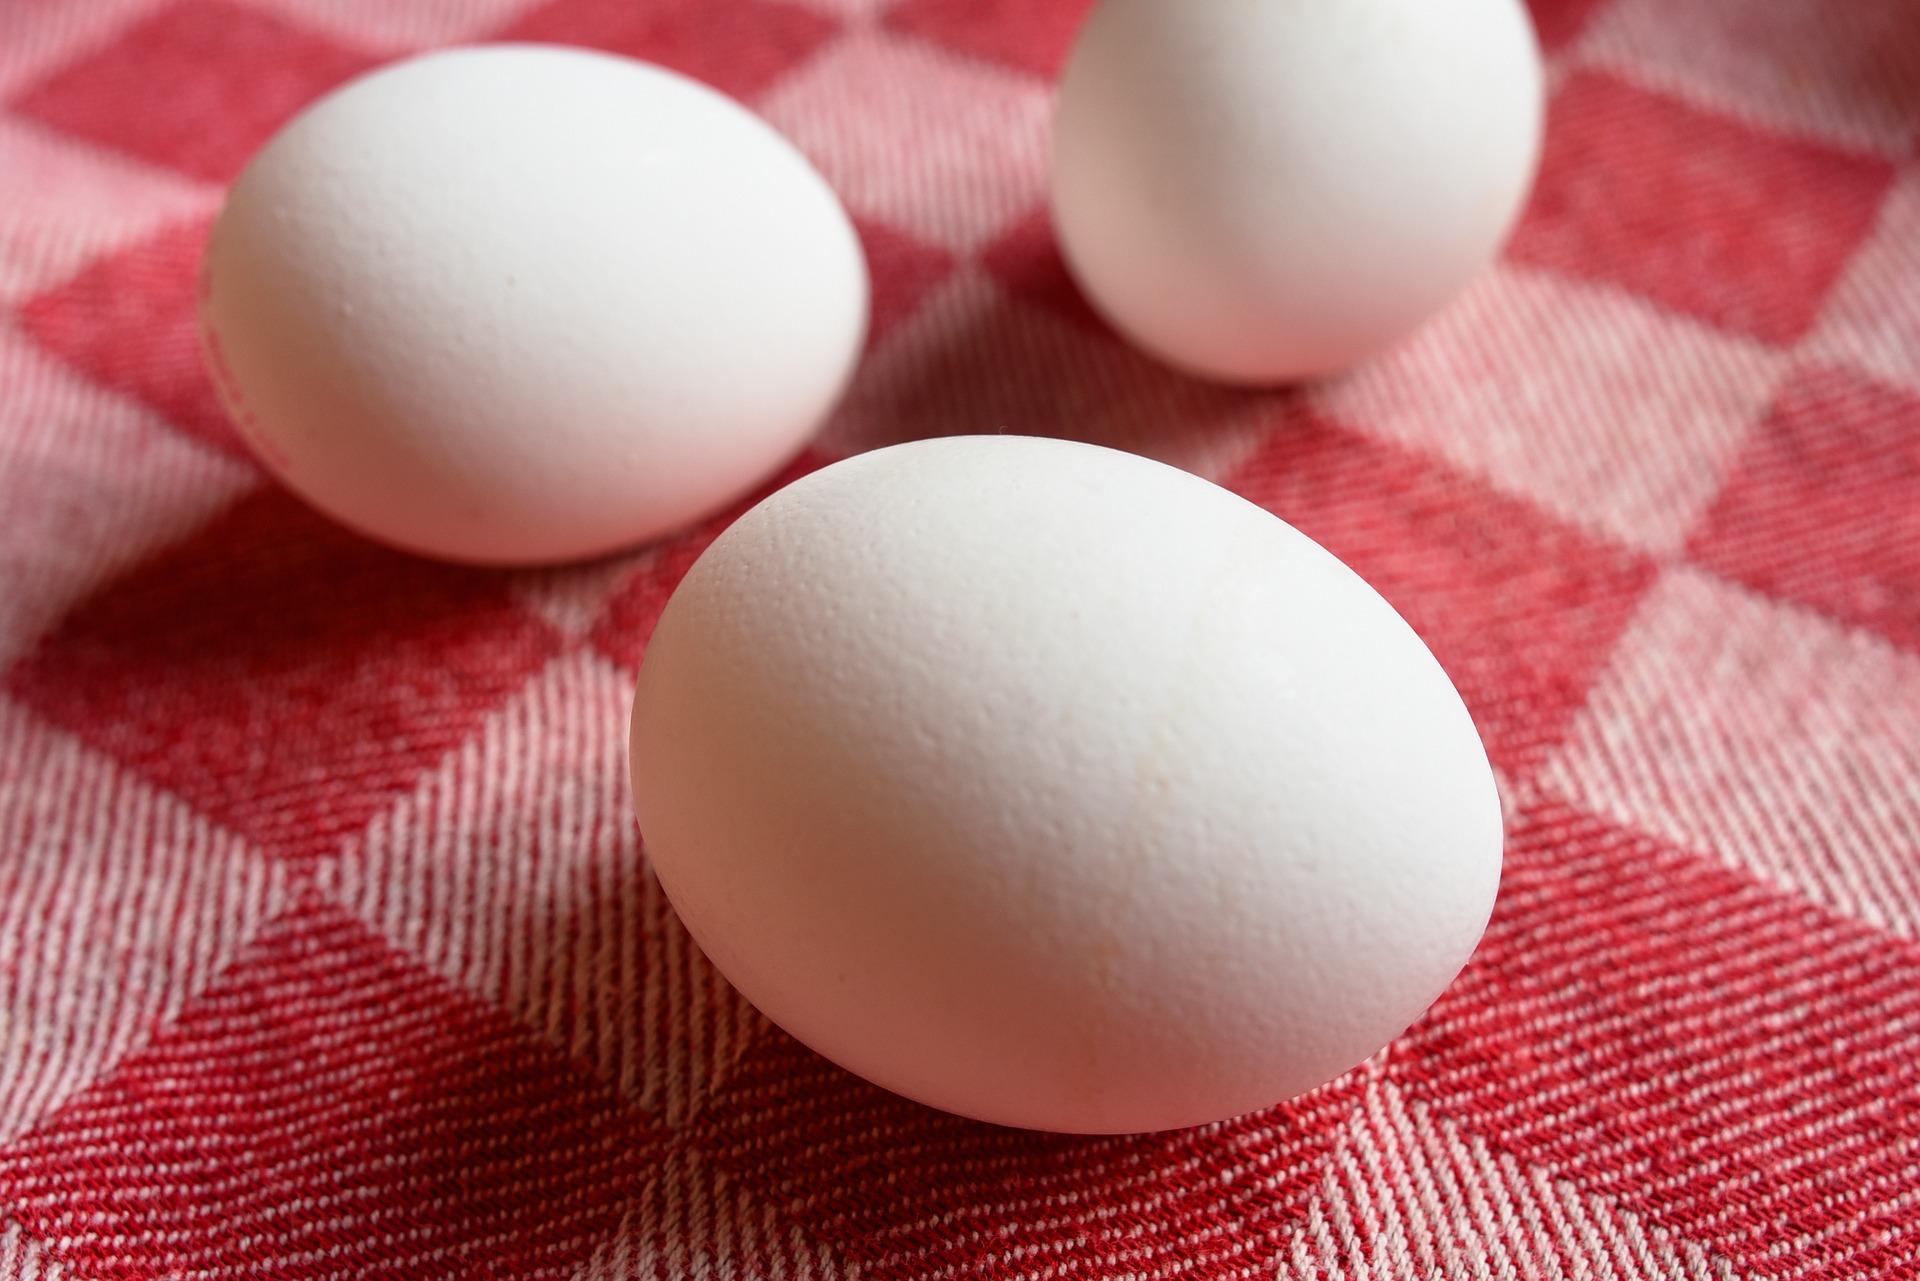 Estudo do JAMA sobre o ovo gera polêmica em torno do alimento. Médica nutróloga da ABRAN fala do assunto.